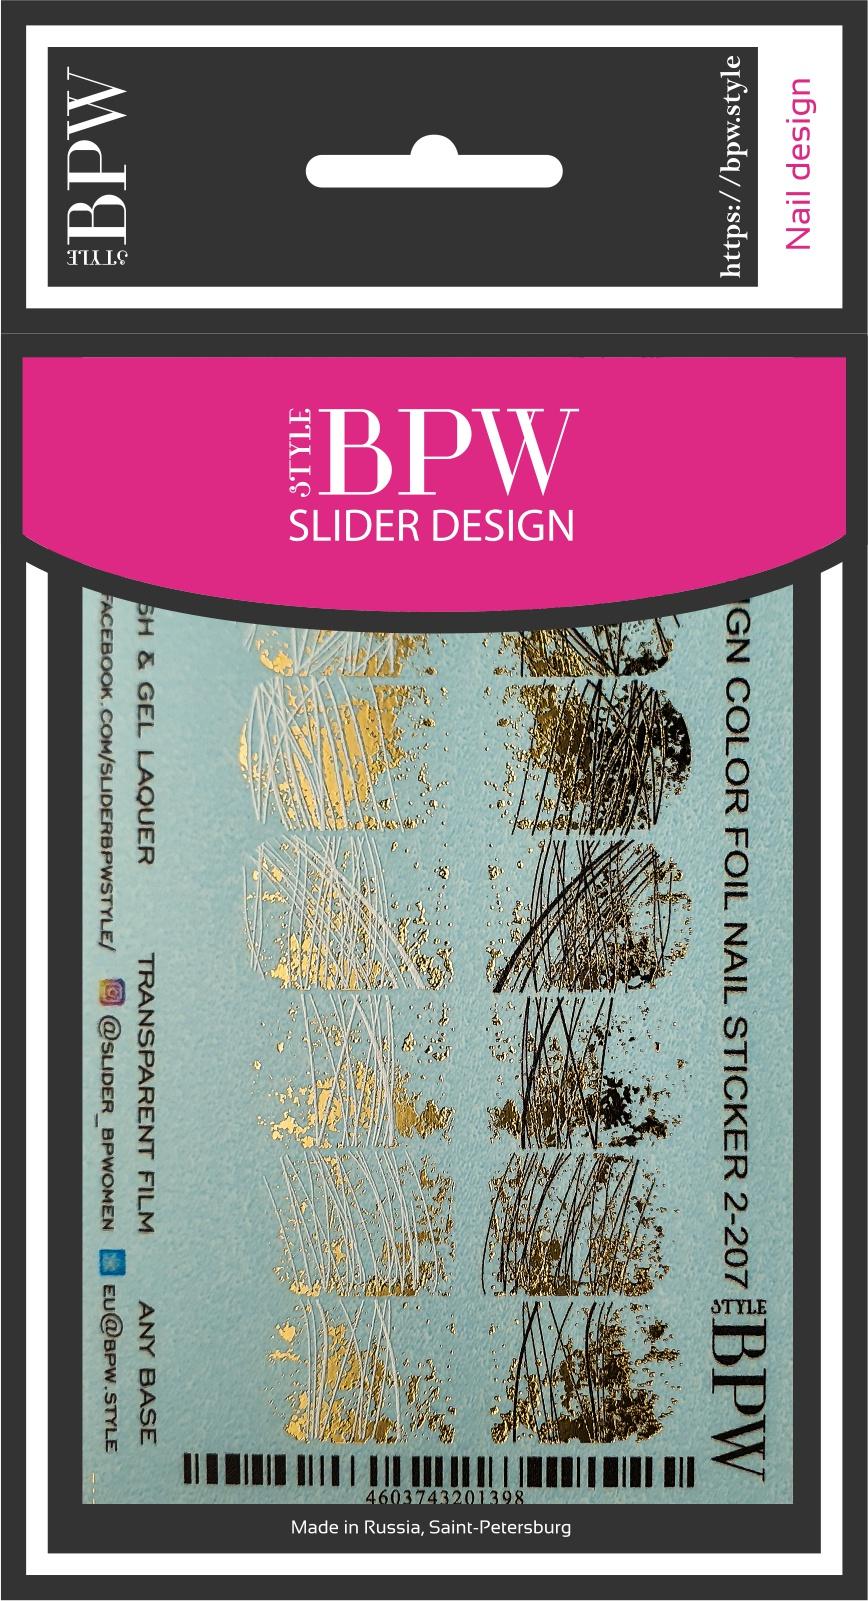 Наклейки для ногтей BPW.style sd2-207, 2 1pcs блеск и пудре порошок блестит классика высокое качество повседневные дизайн ногтей